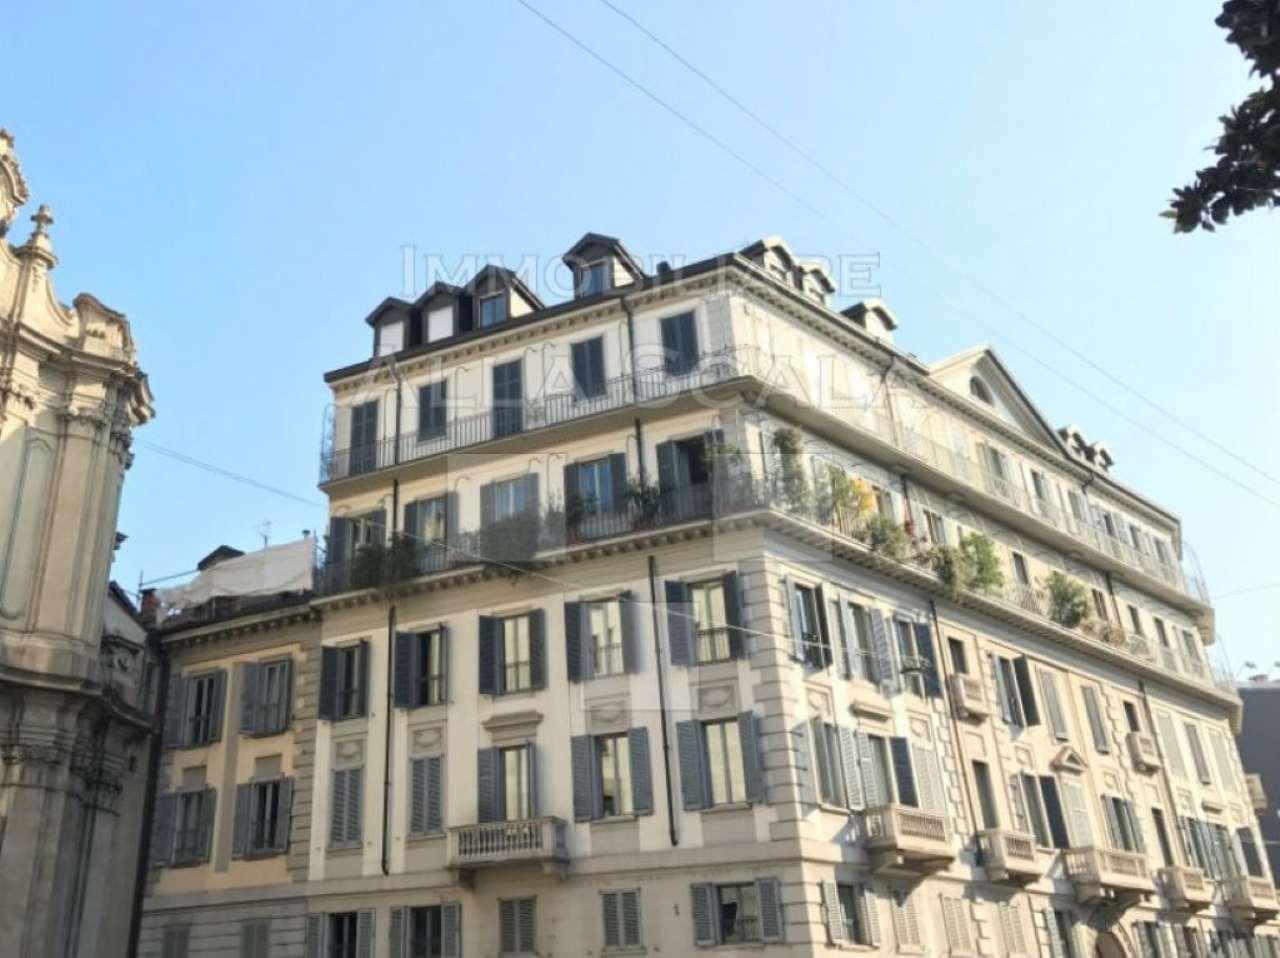 Appartamento in Vendita a Milano: 4 locali, 150 mq - Foto 1